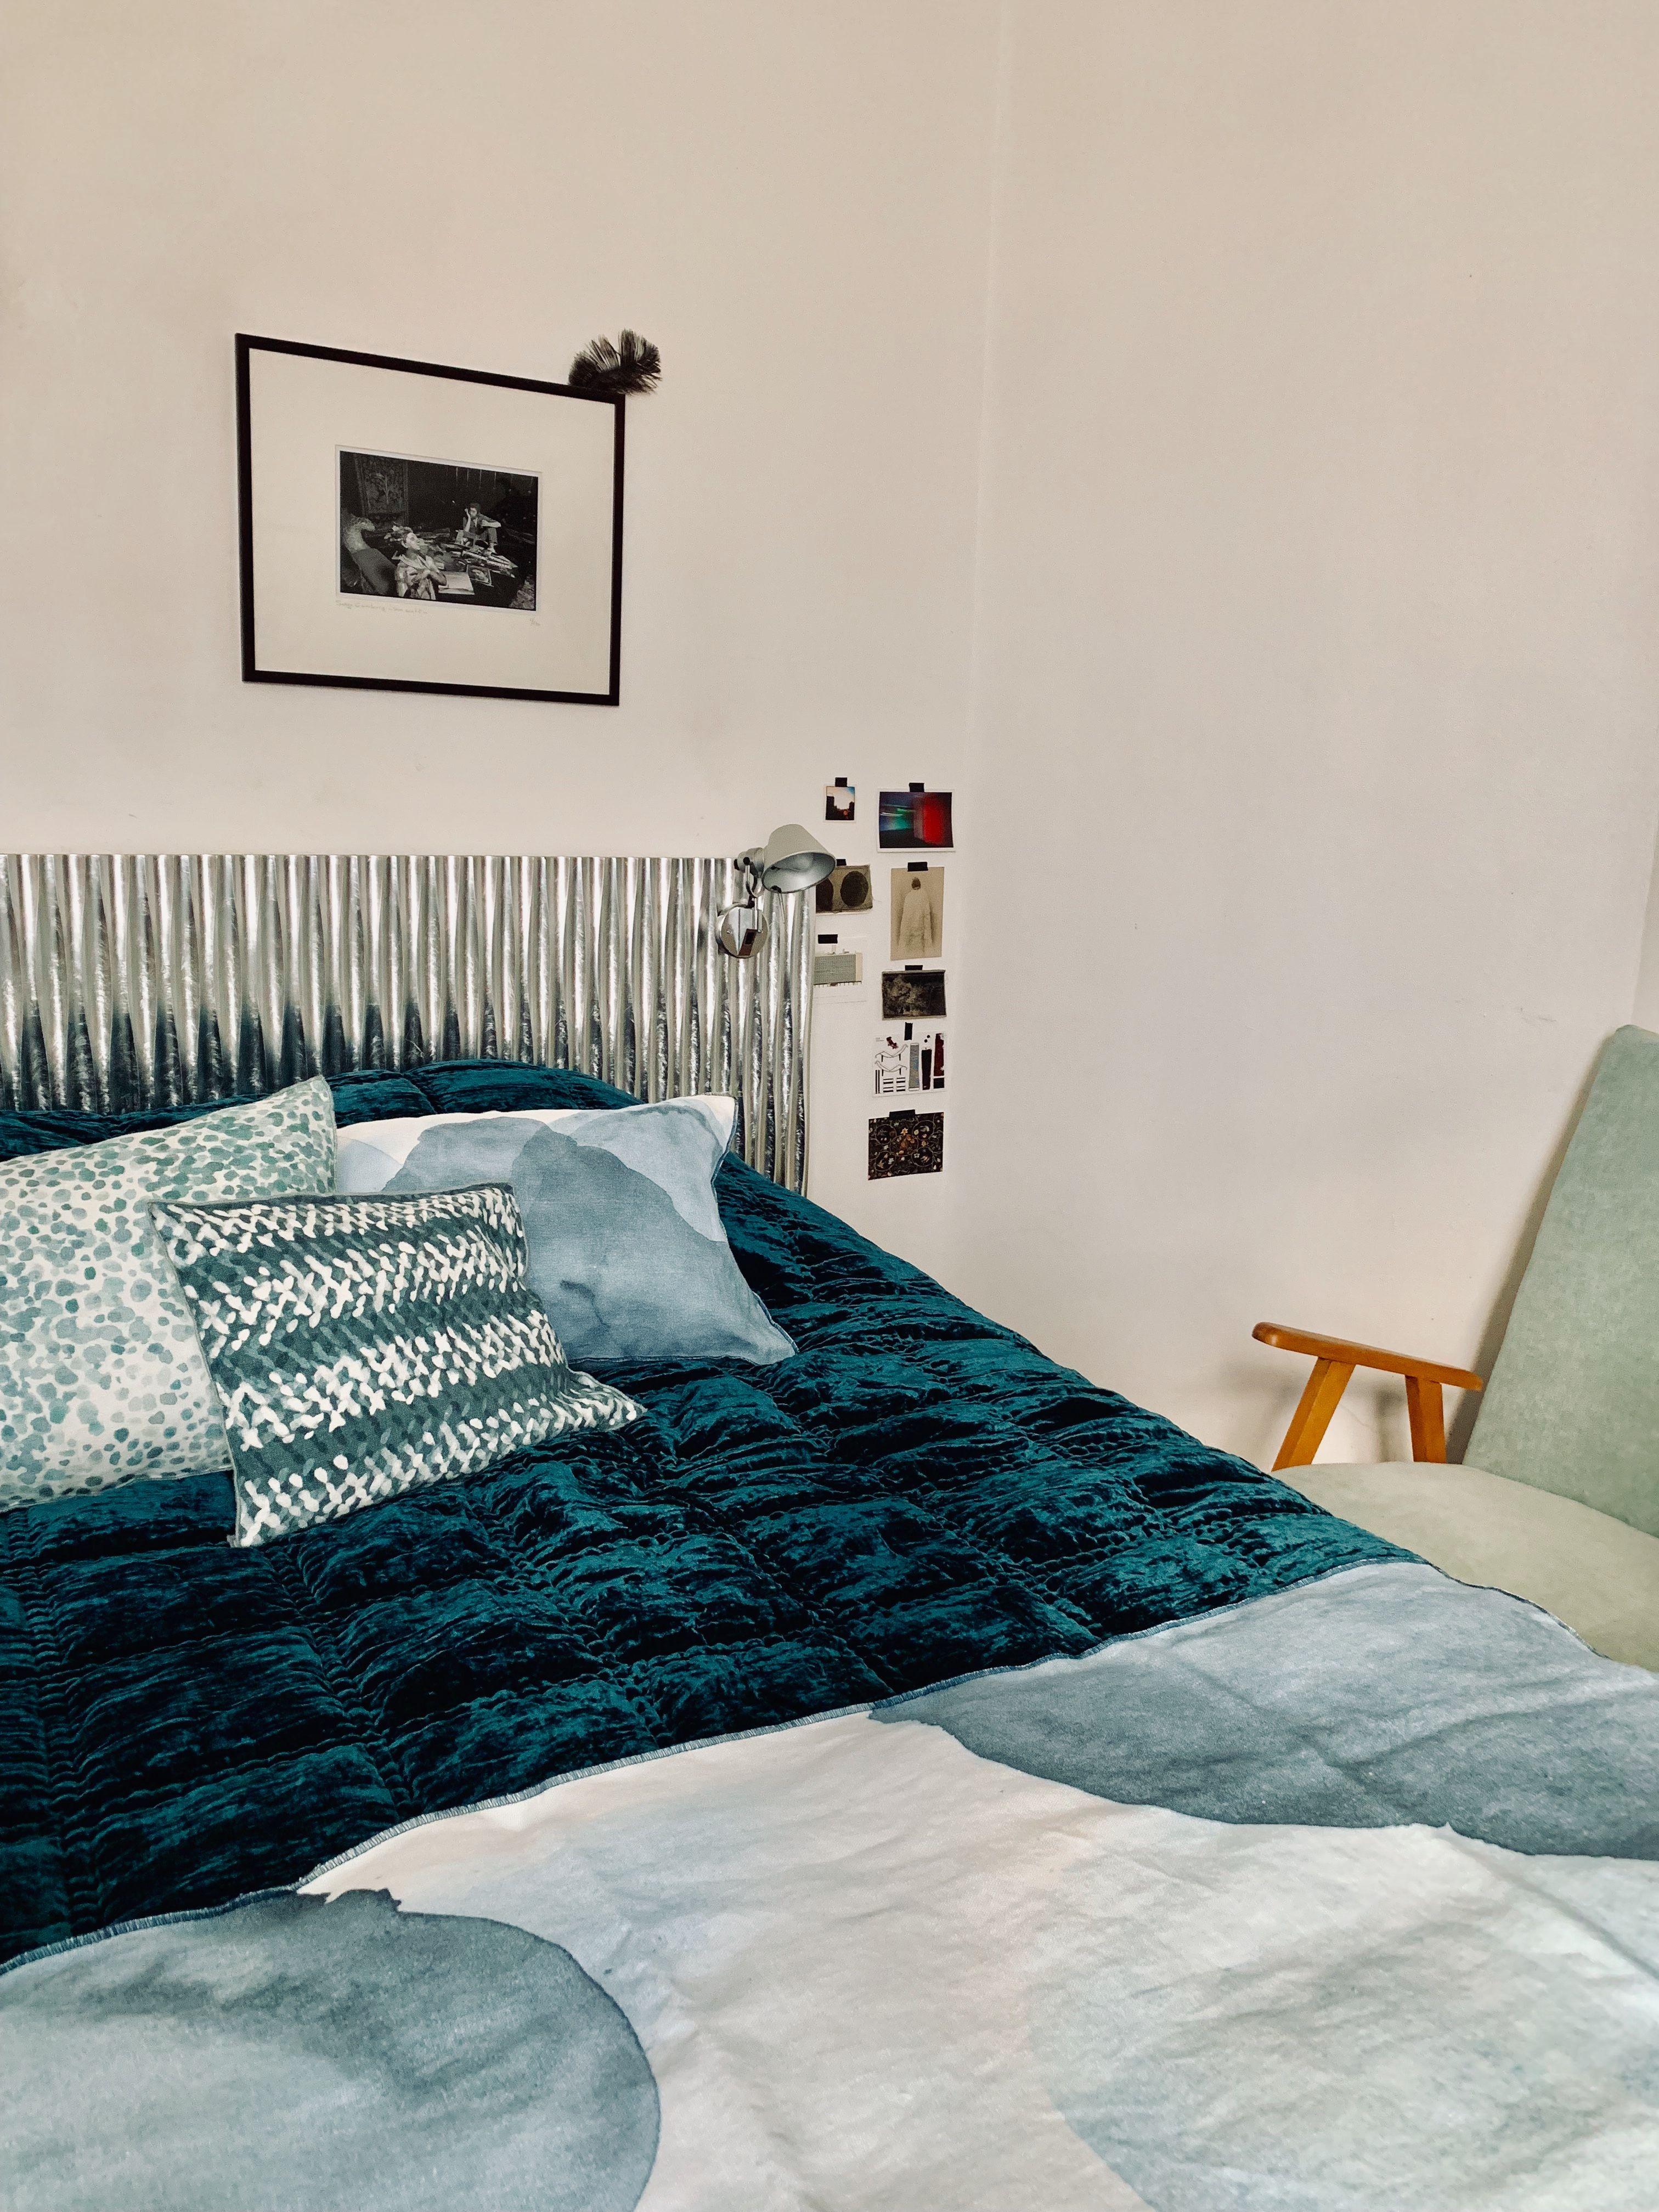 Coussin Ile De Skye Lead Decoration Maison Rideaux Pret A Poser Et Coussin Imprime